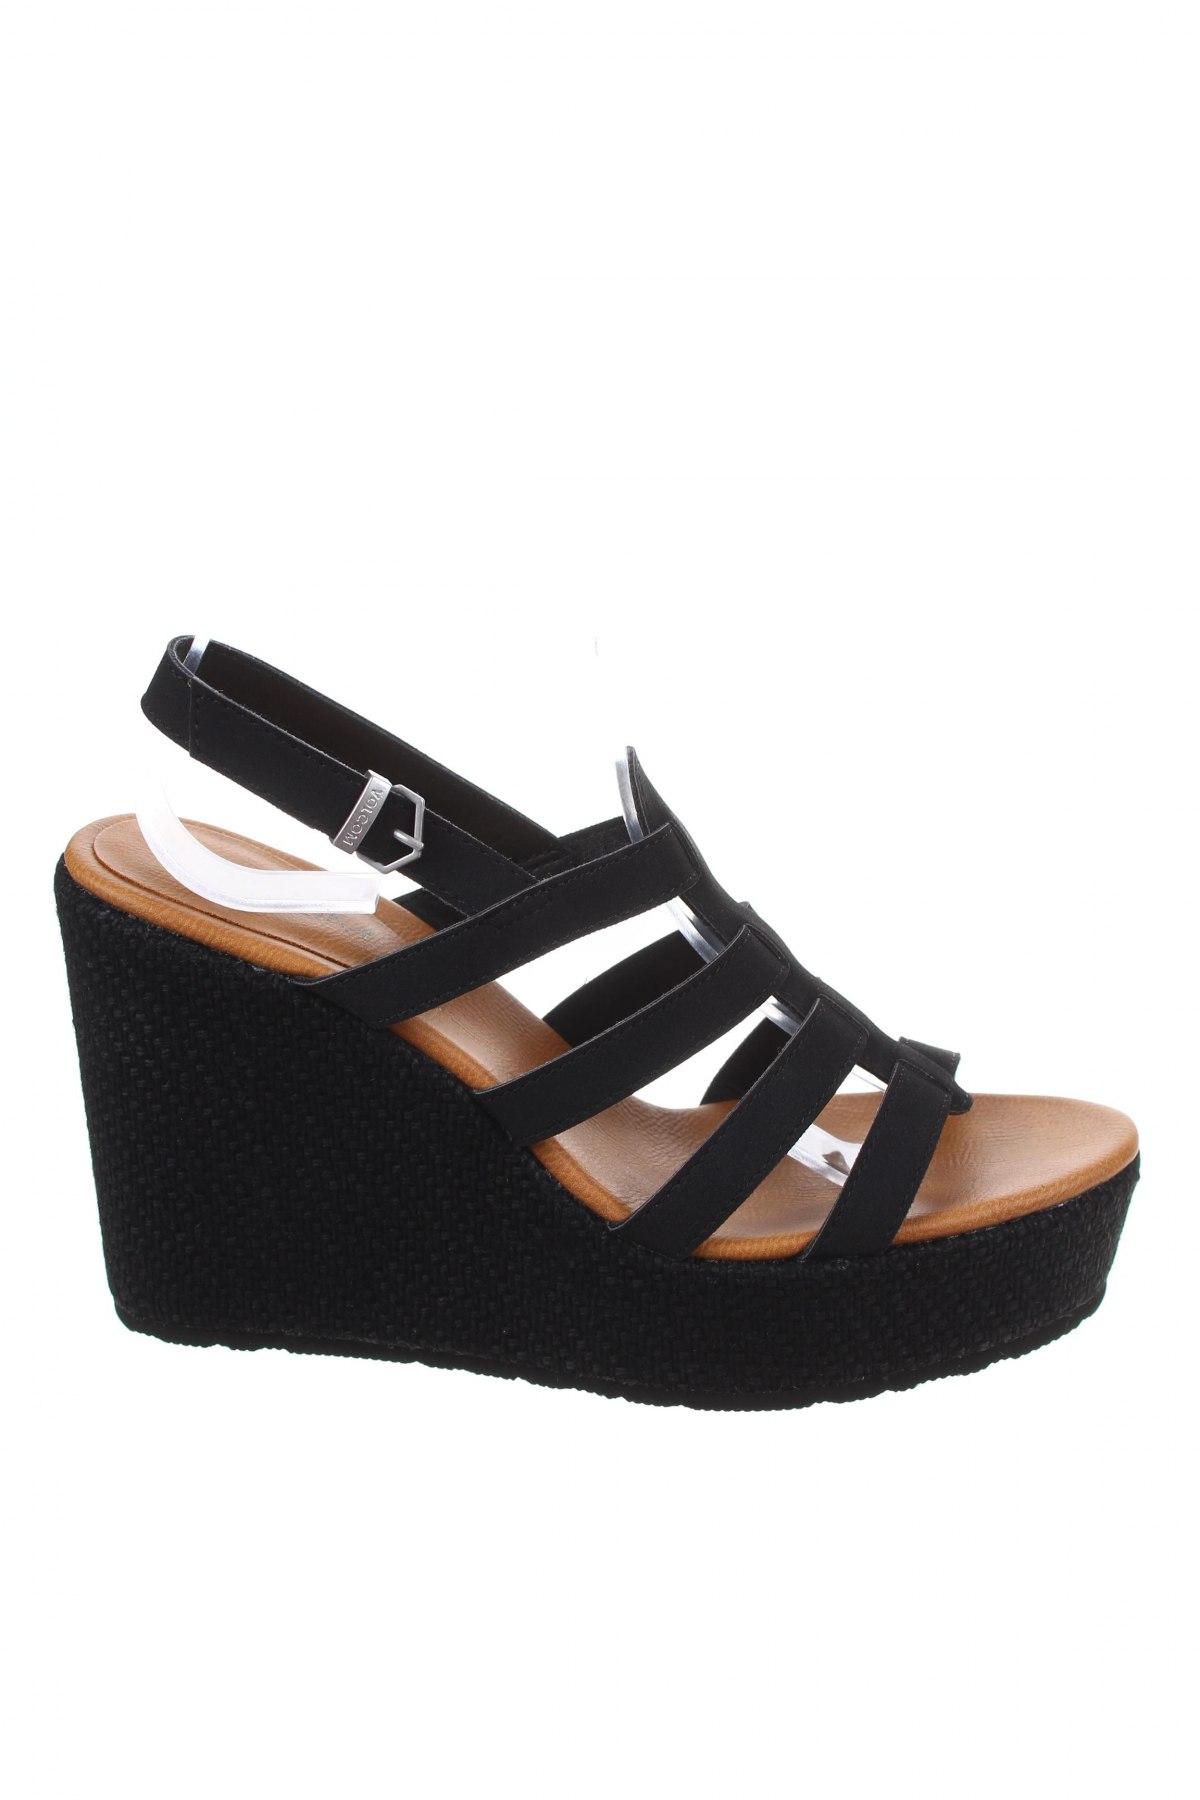 Σανδάλια Volcom, Μέγεθος 39, Χρώμα Μαύρο, Κλωστοϋφαντουργικά προϊόντα, Τιμή 33,74€